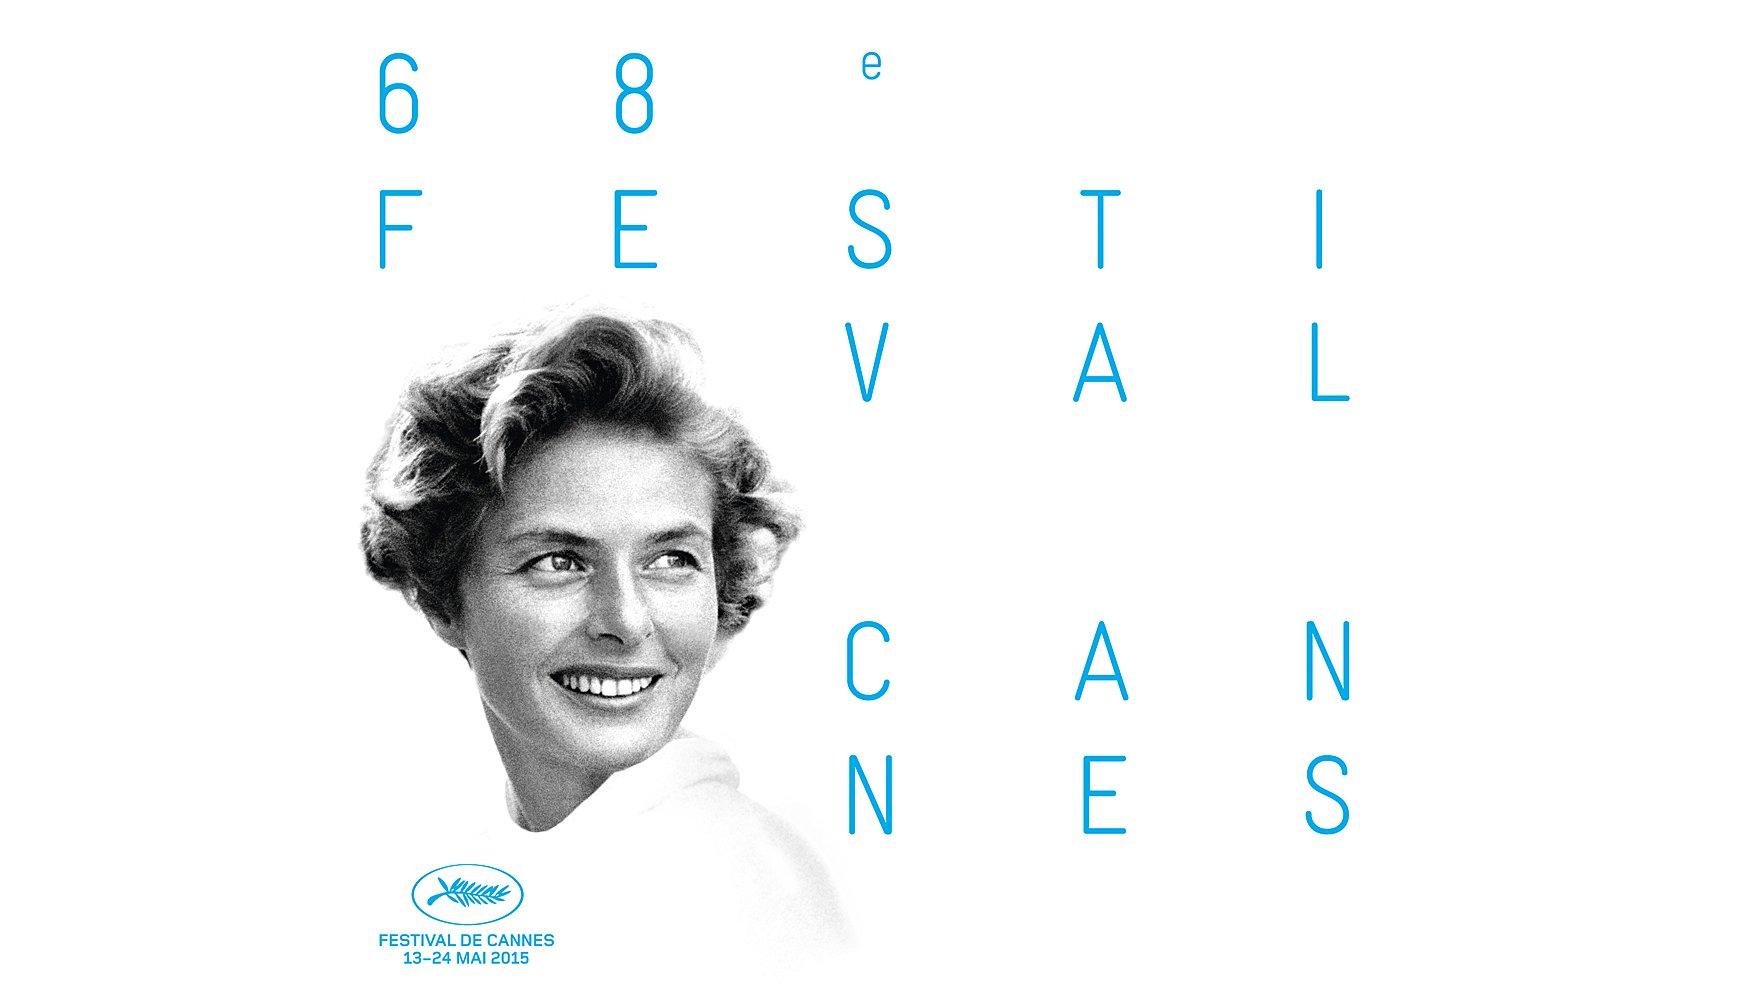 Festival de Cannes 2015 : Xavier Dolan passe du statut de compétiteur à celui de membre du jury!